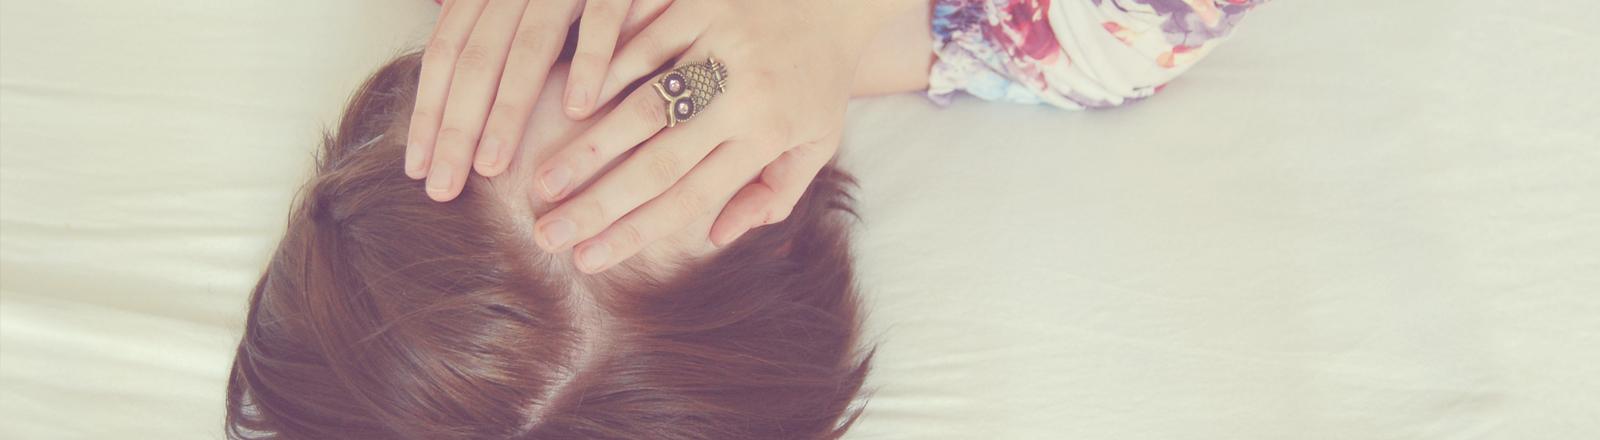 Eine junge Frau liegt auf dem Bett und hält ihre Hände vors Gesicht